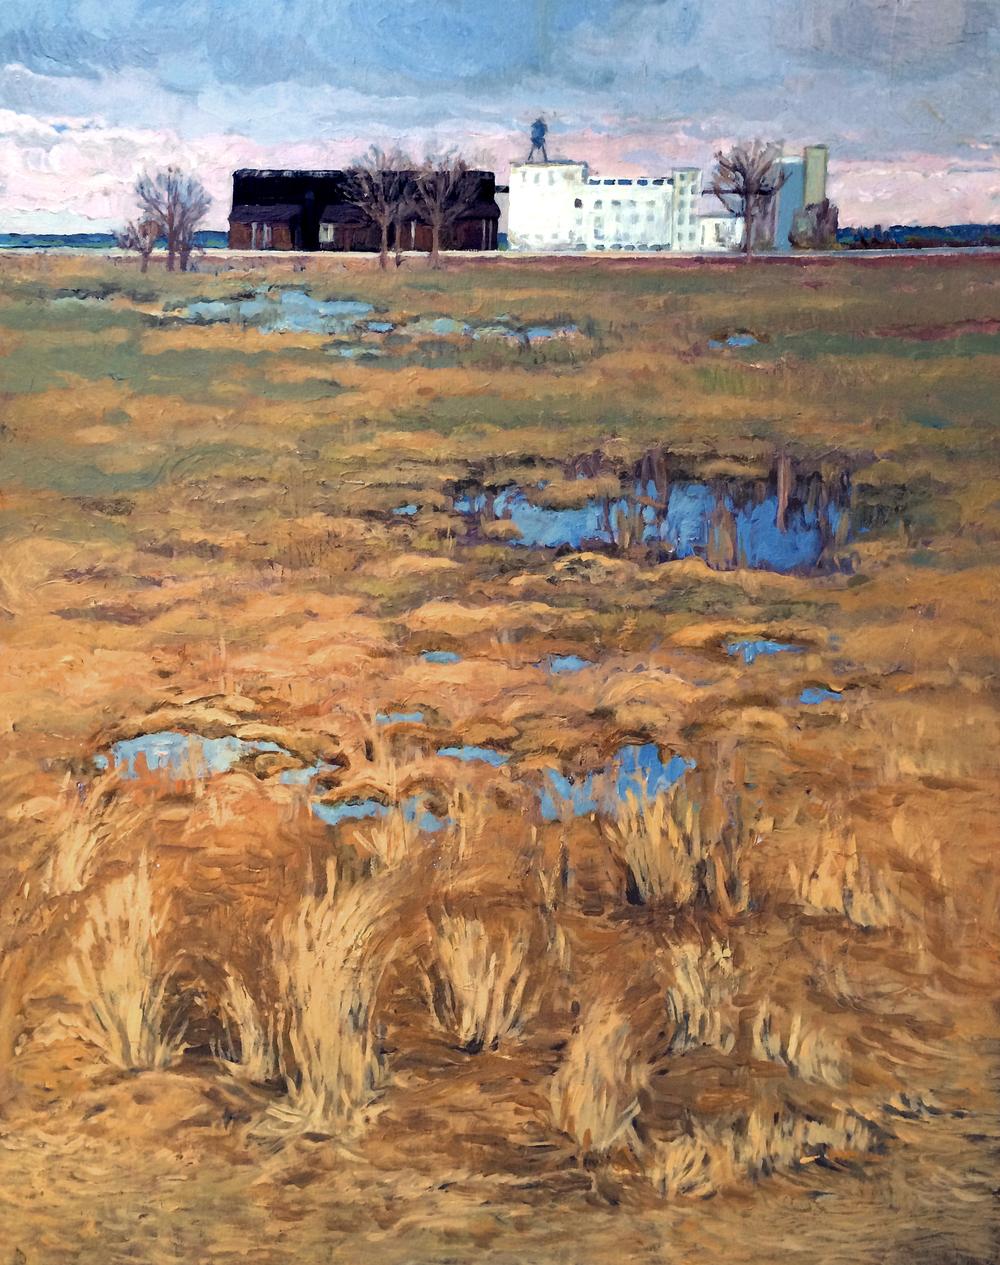 A field in Buffalo